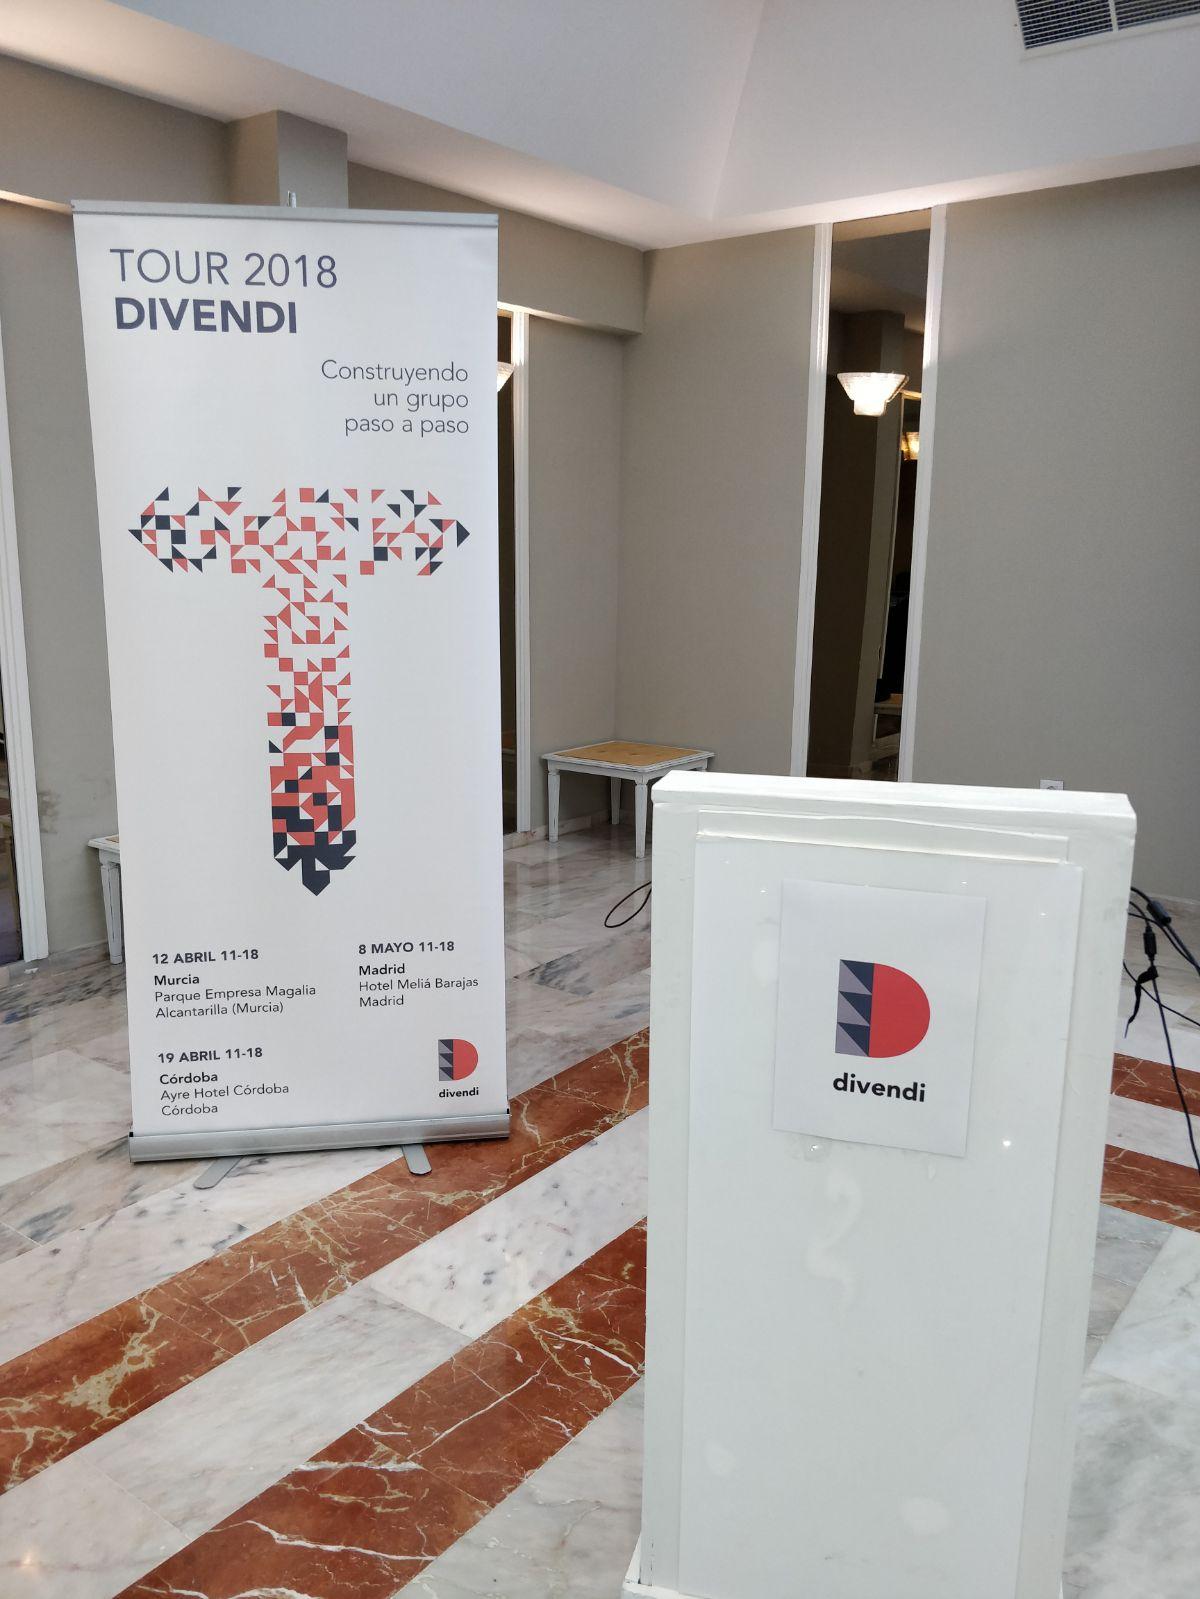 TOUR DIVENDI 4